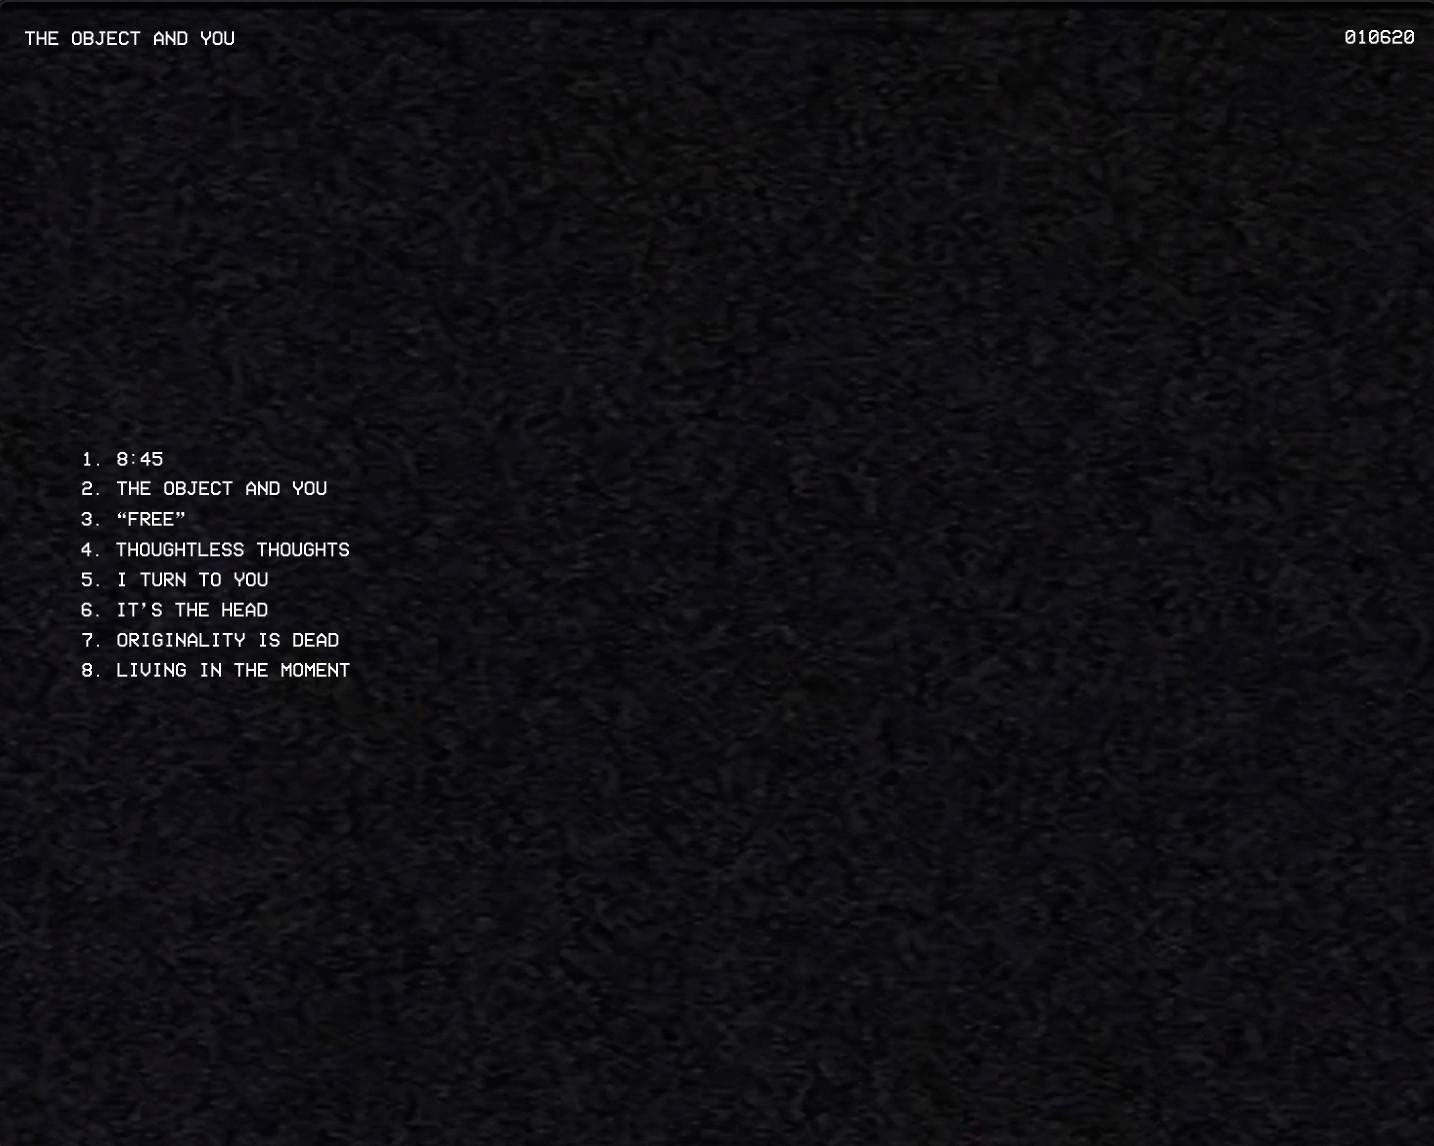 Album Contents page.